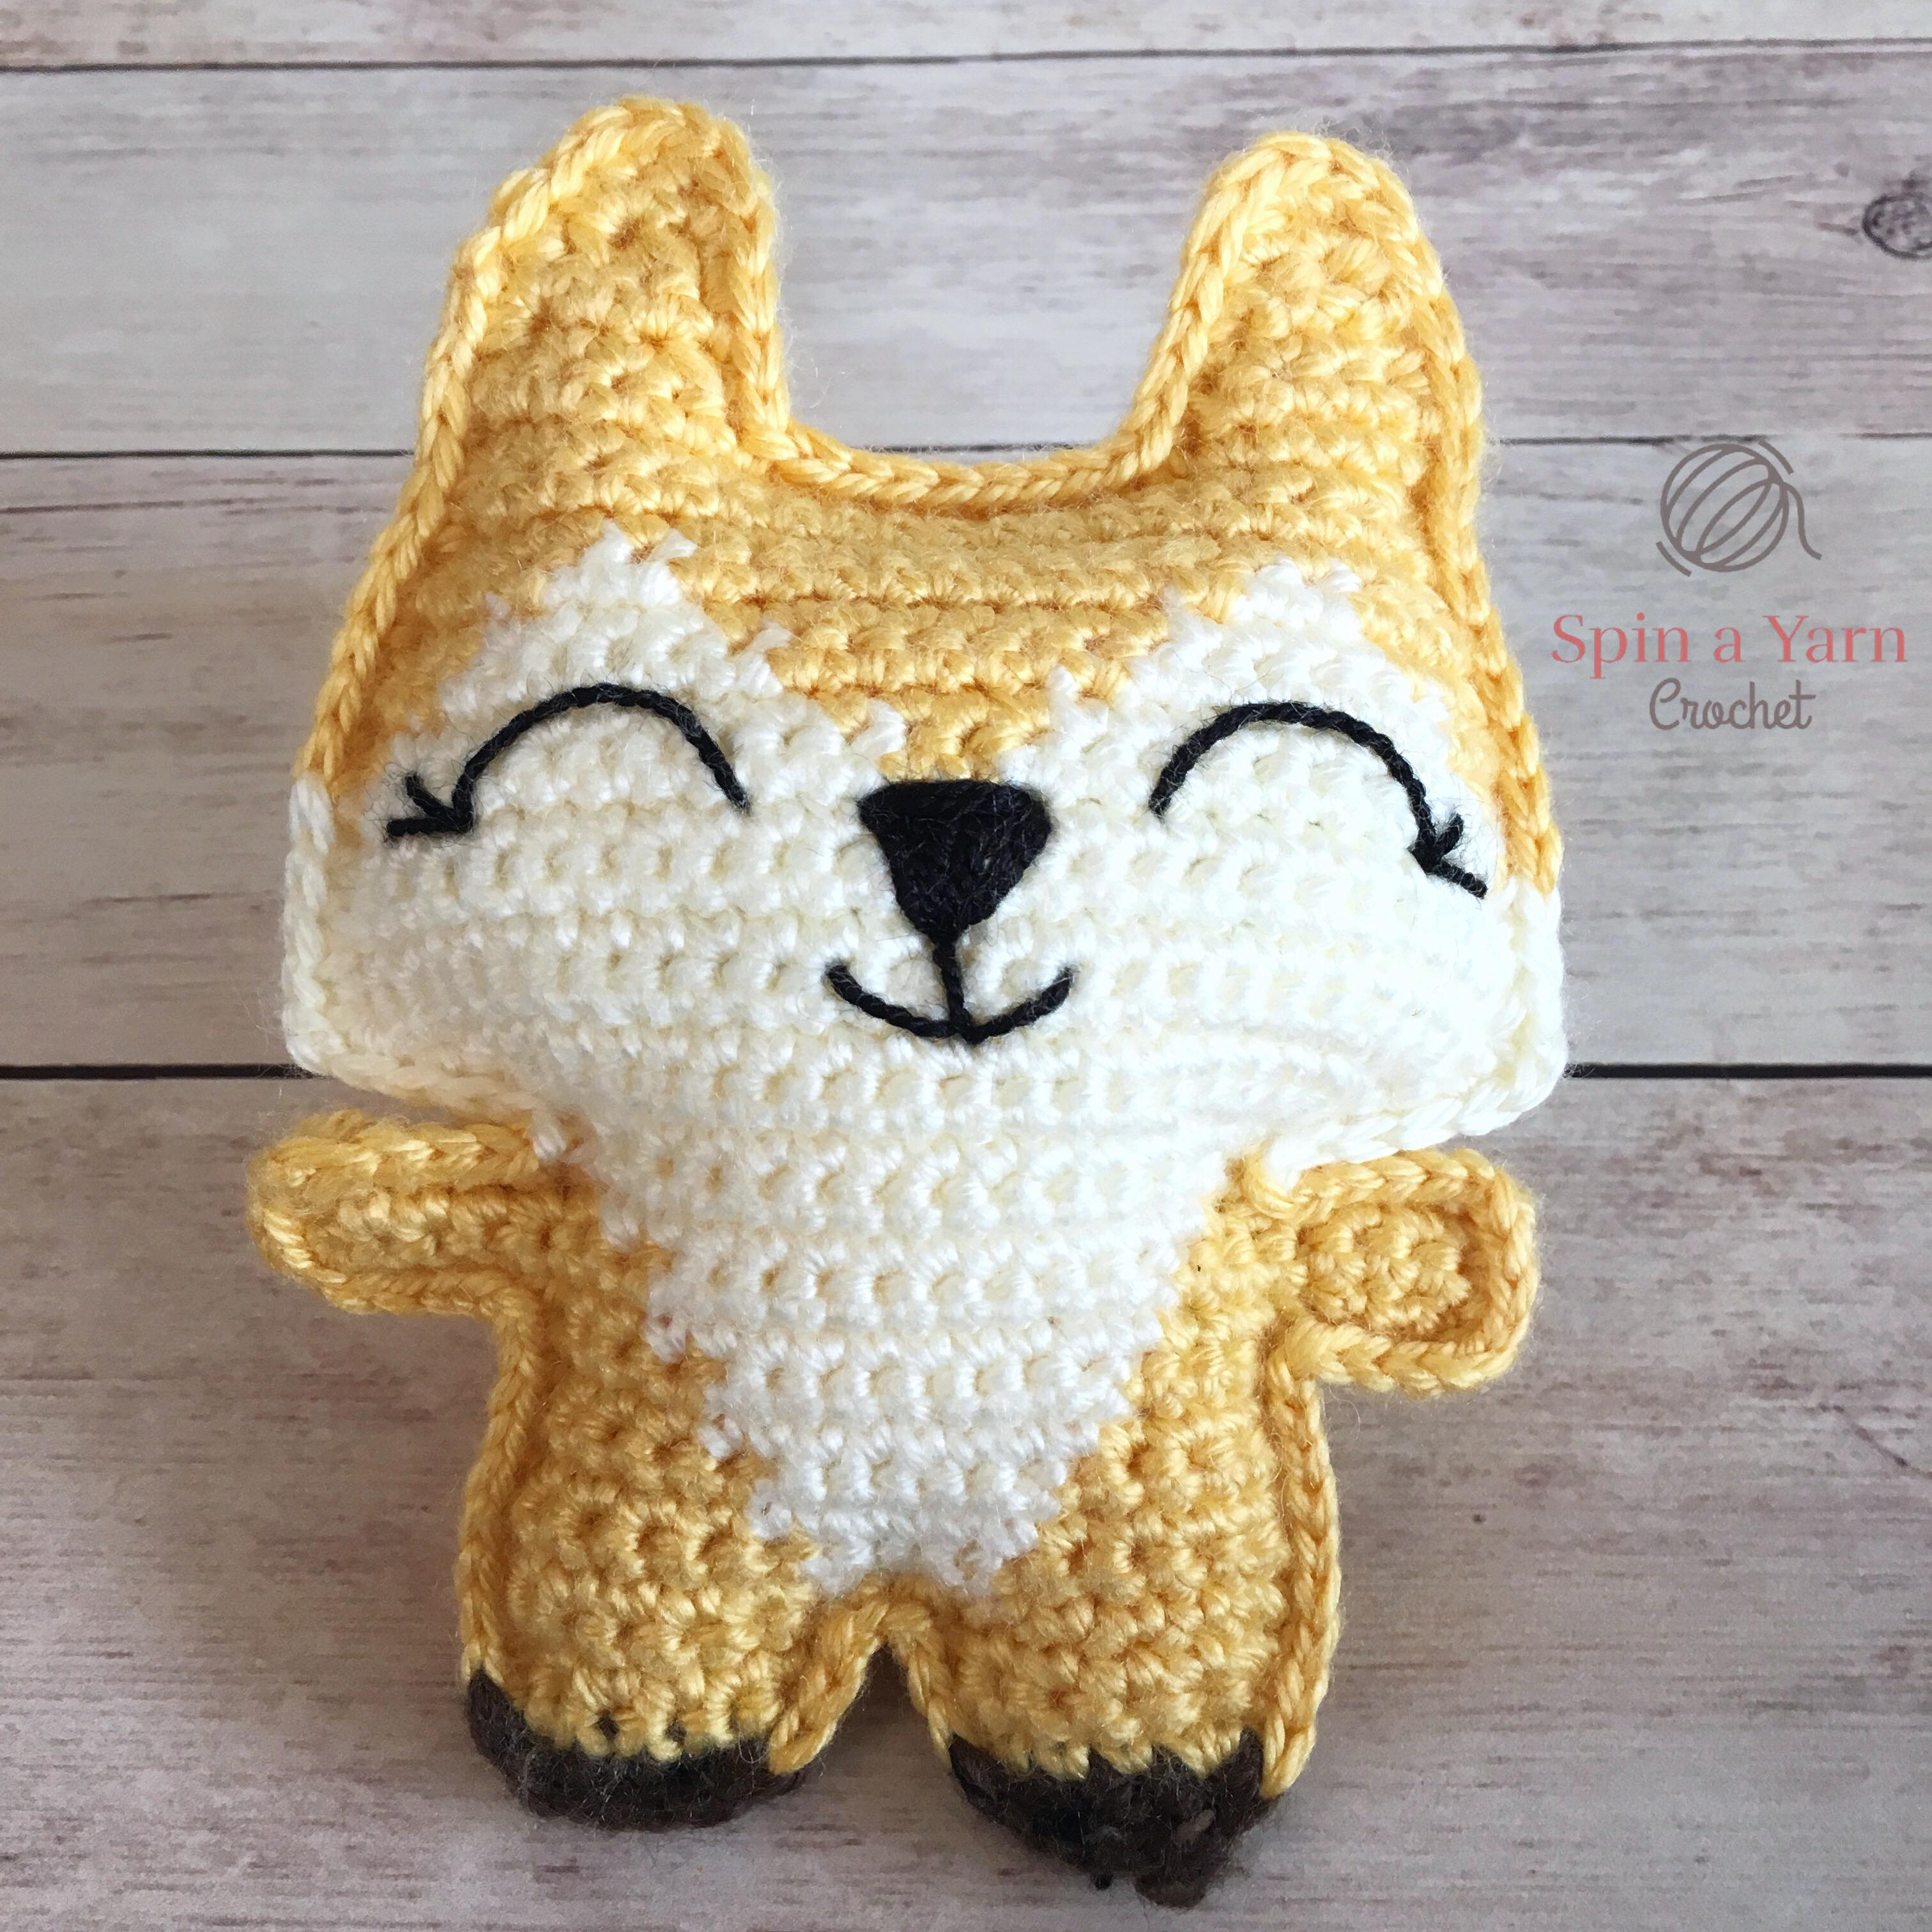 e0bbd4ee2 Pocket Fox Free Crochet Pattern • Spin a Yarn Crochet